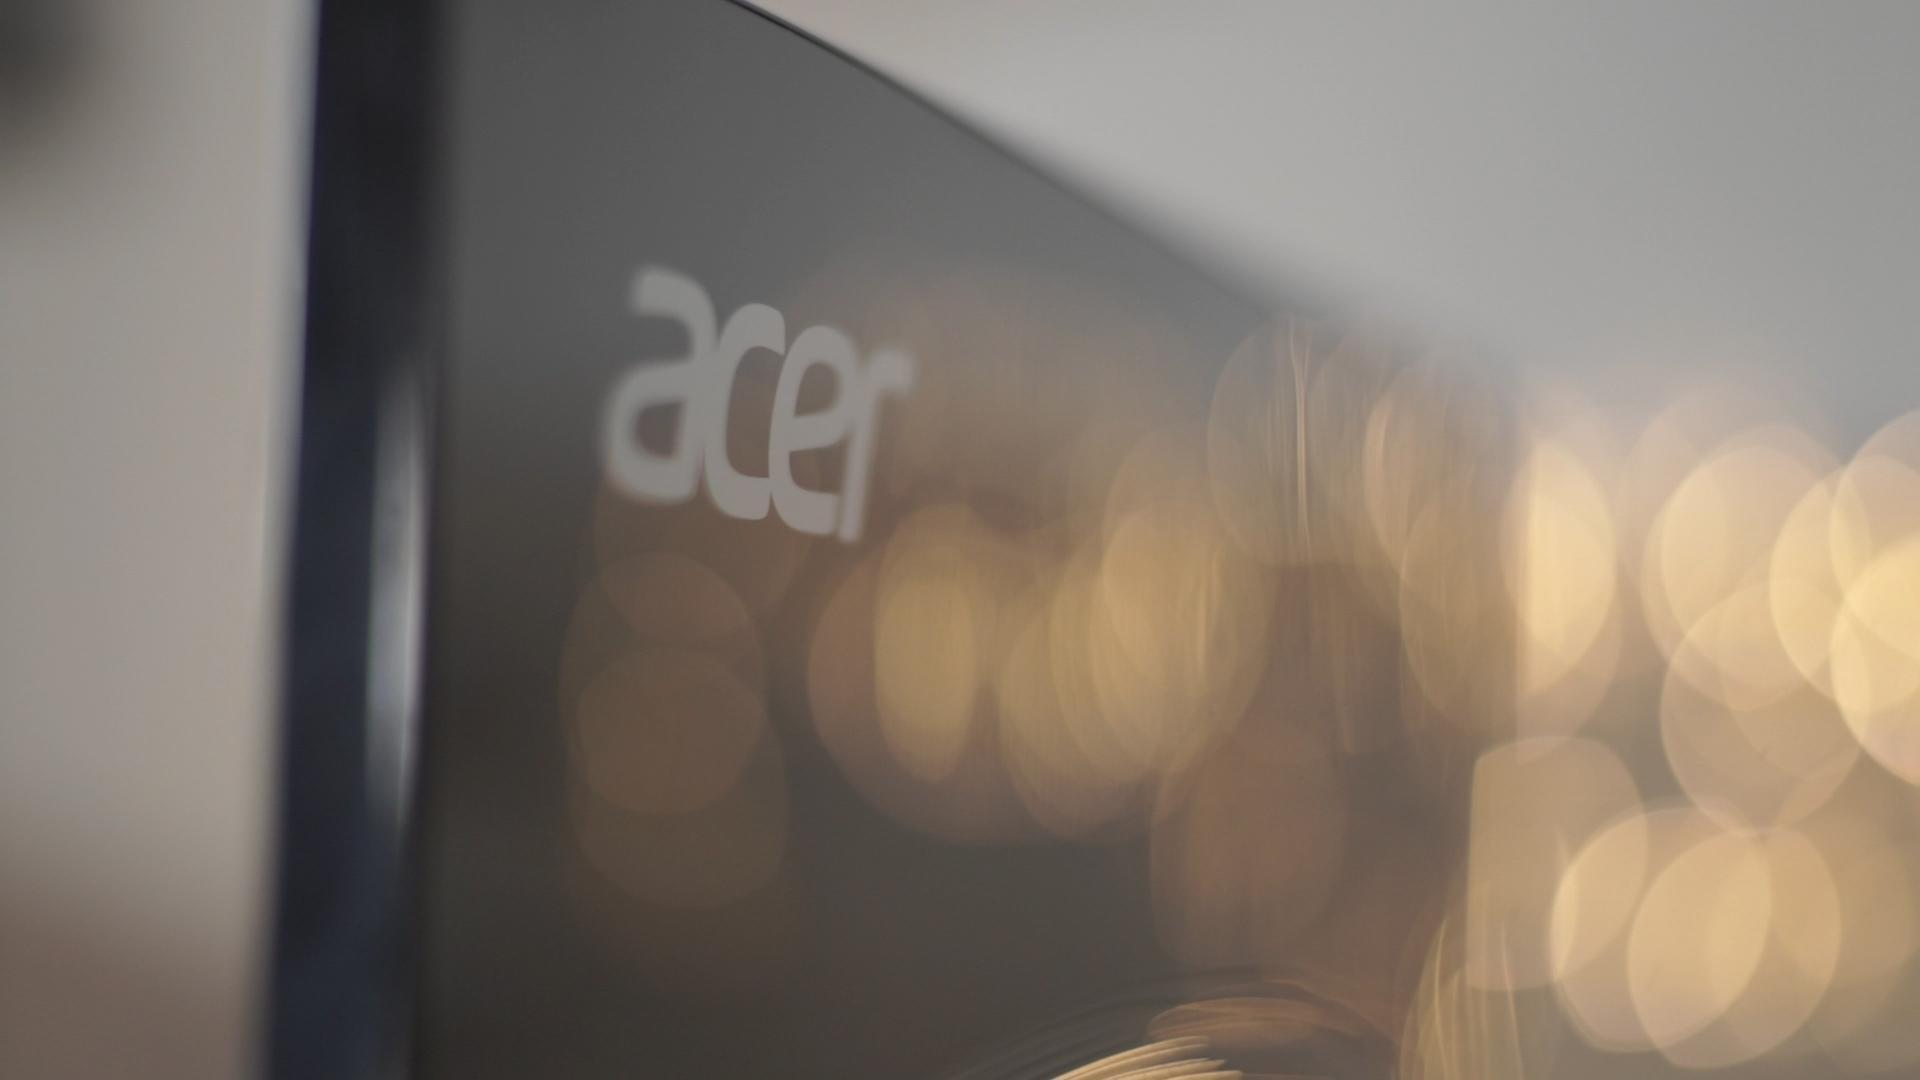 Recensione Monitor Acer G7 colori